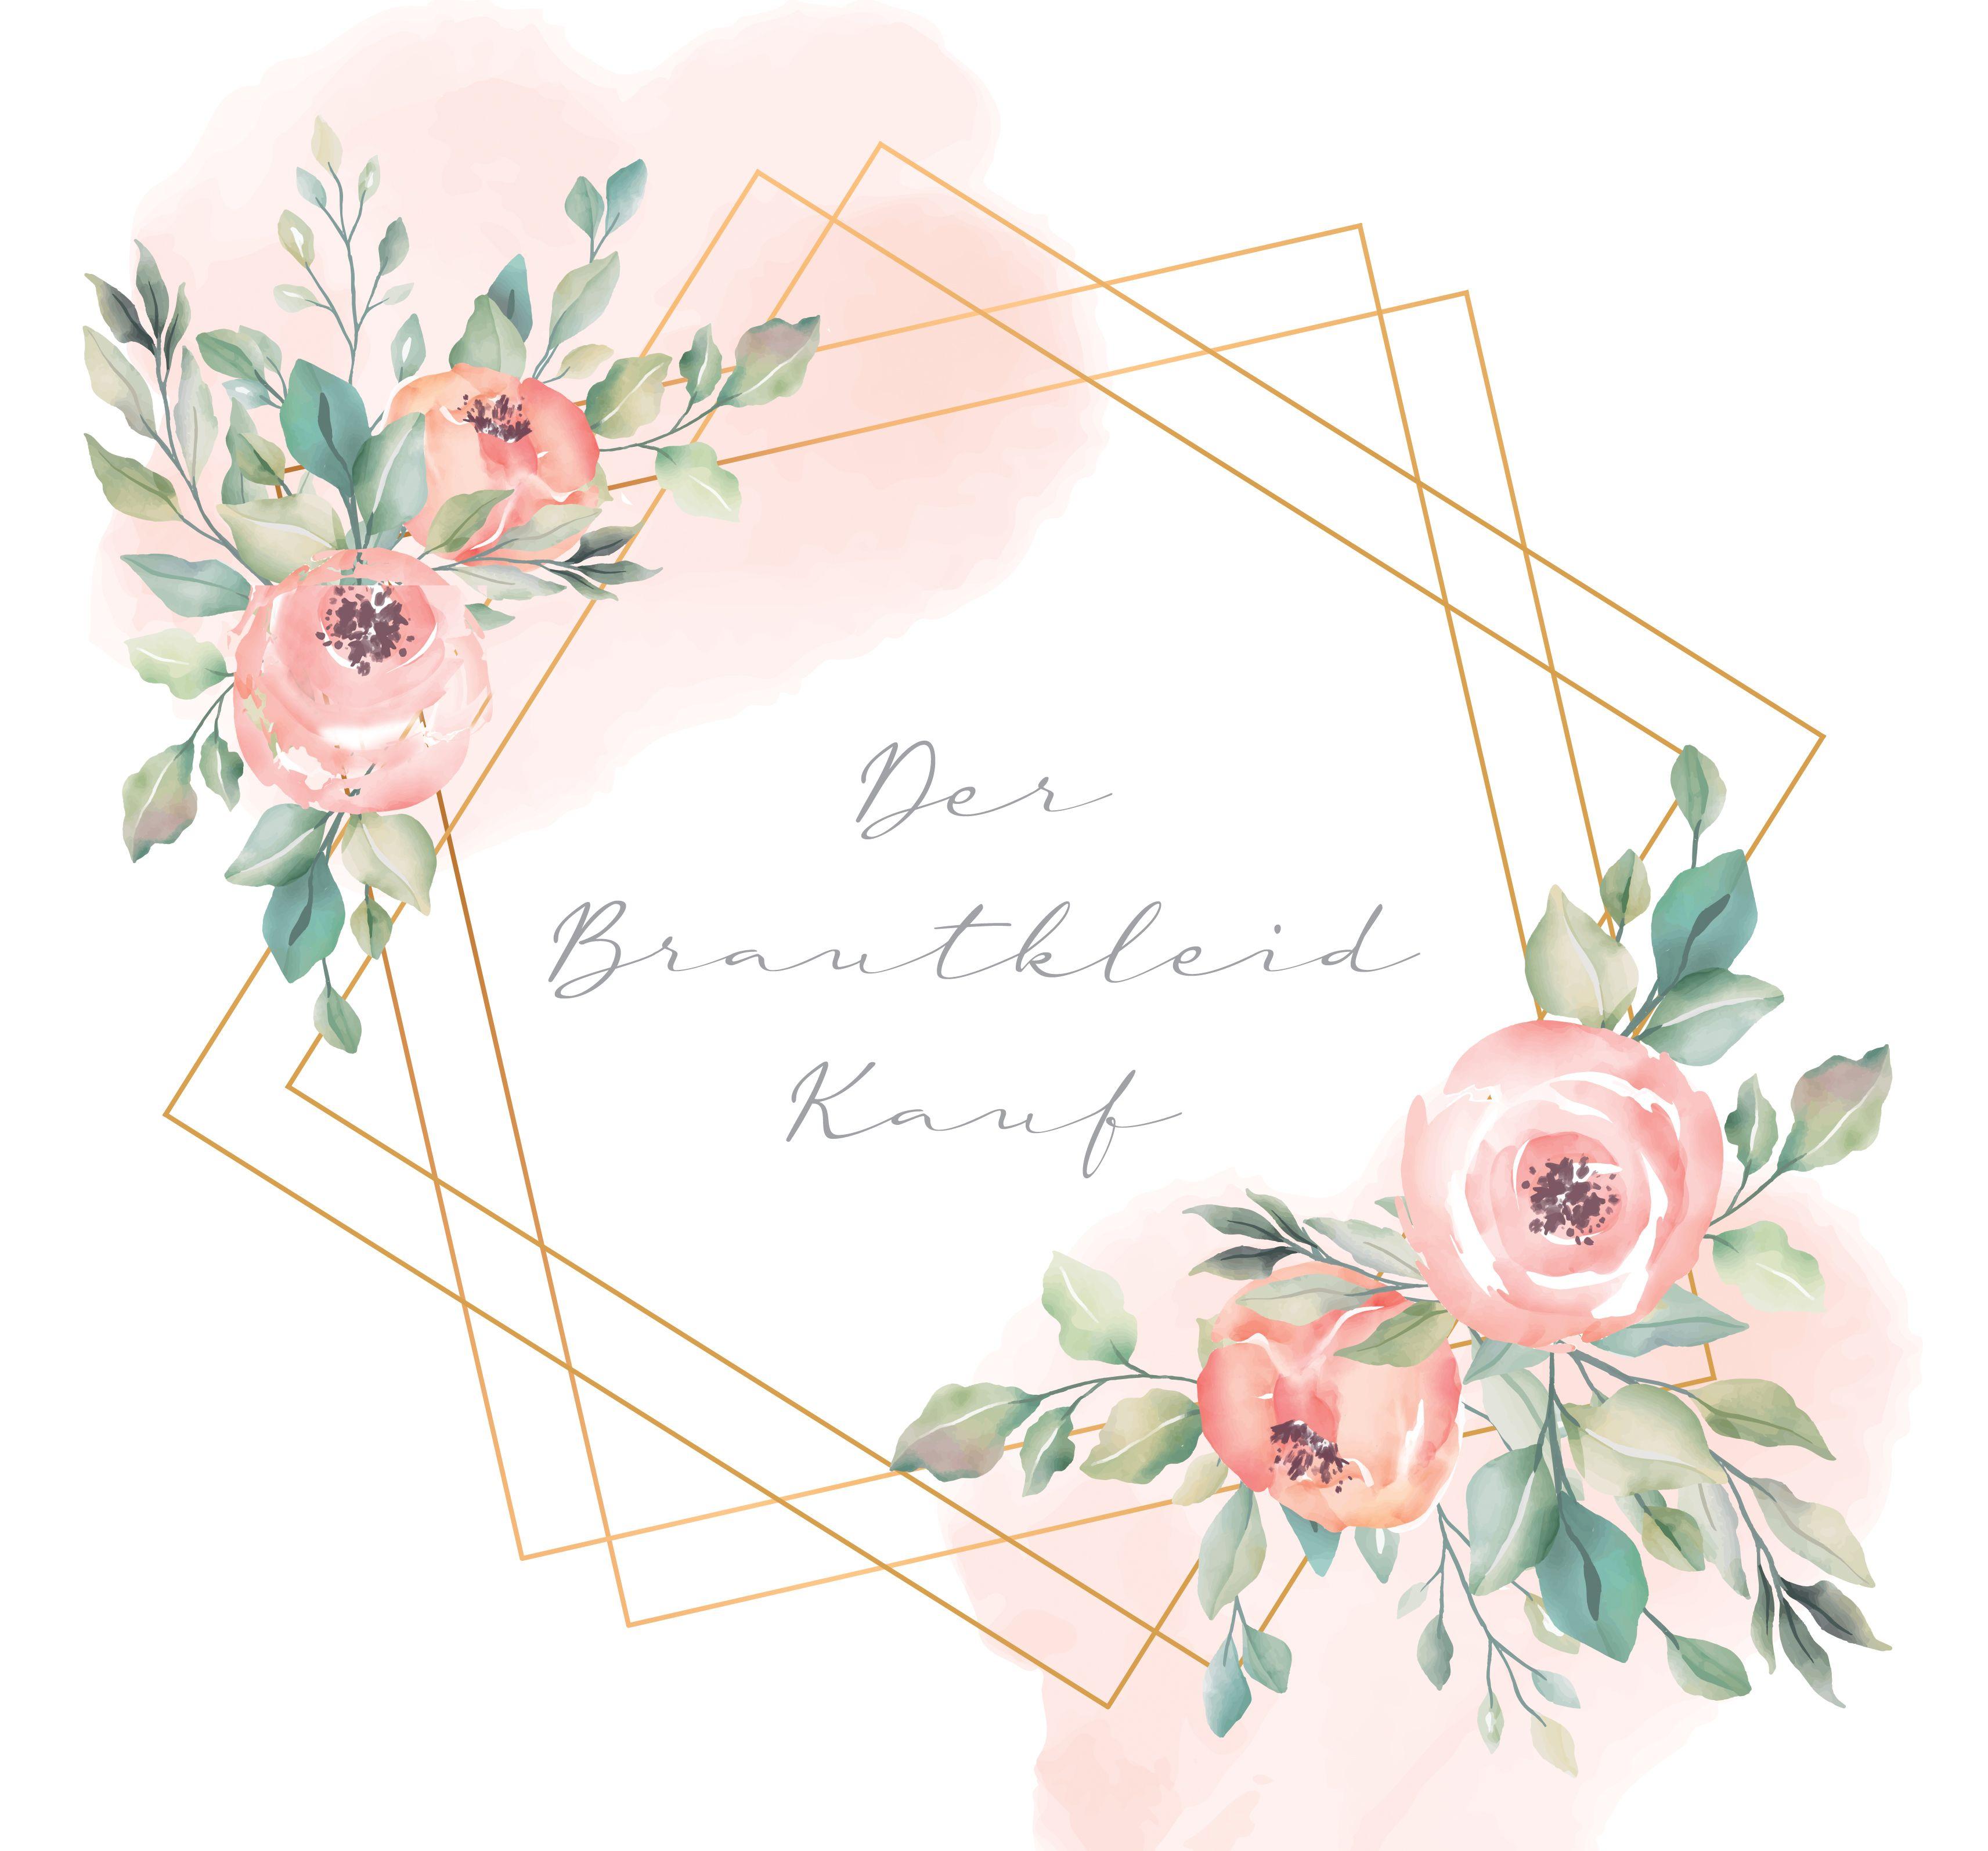 Brautkleid kaufen - Munich Wedding | Hochzeitsblog